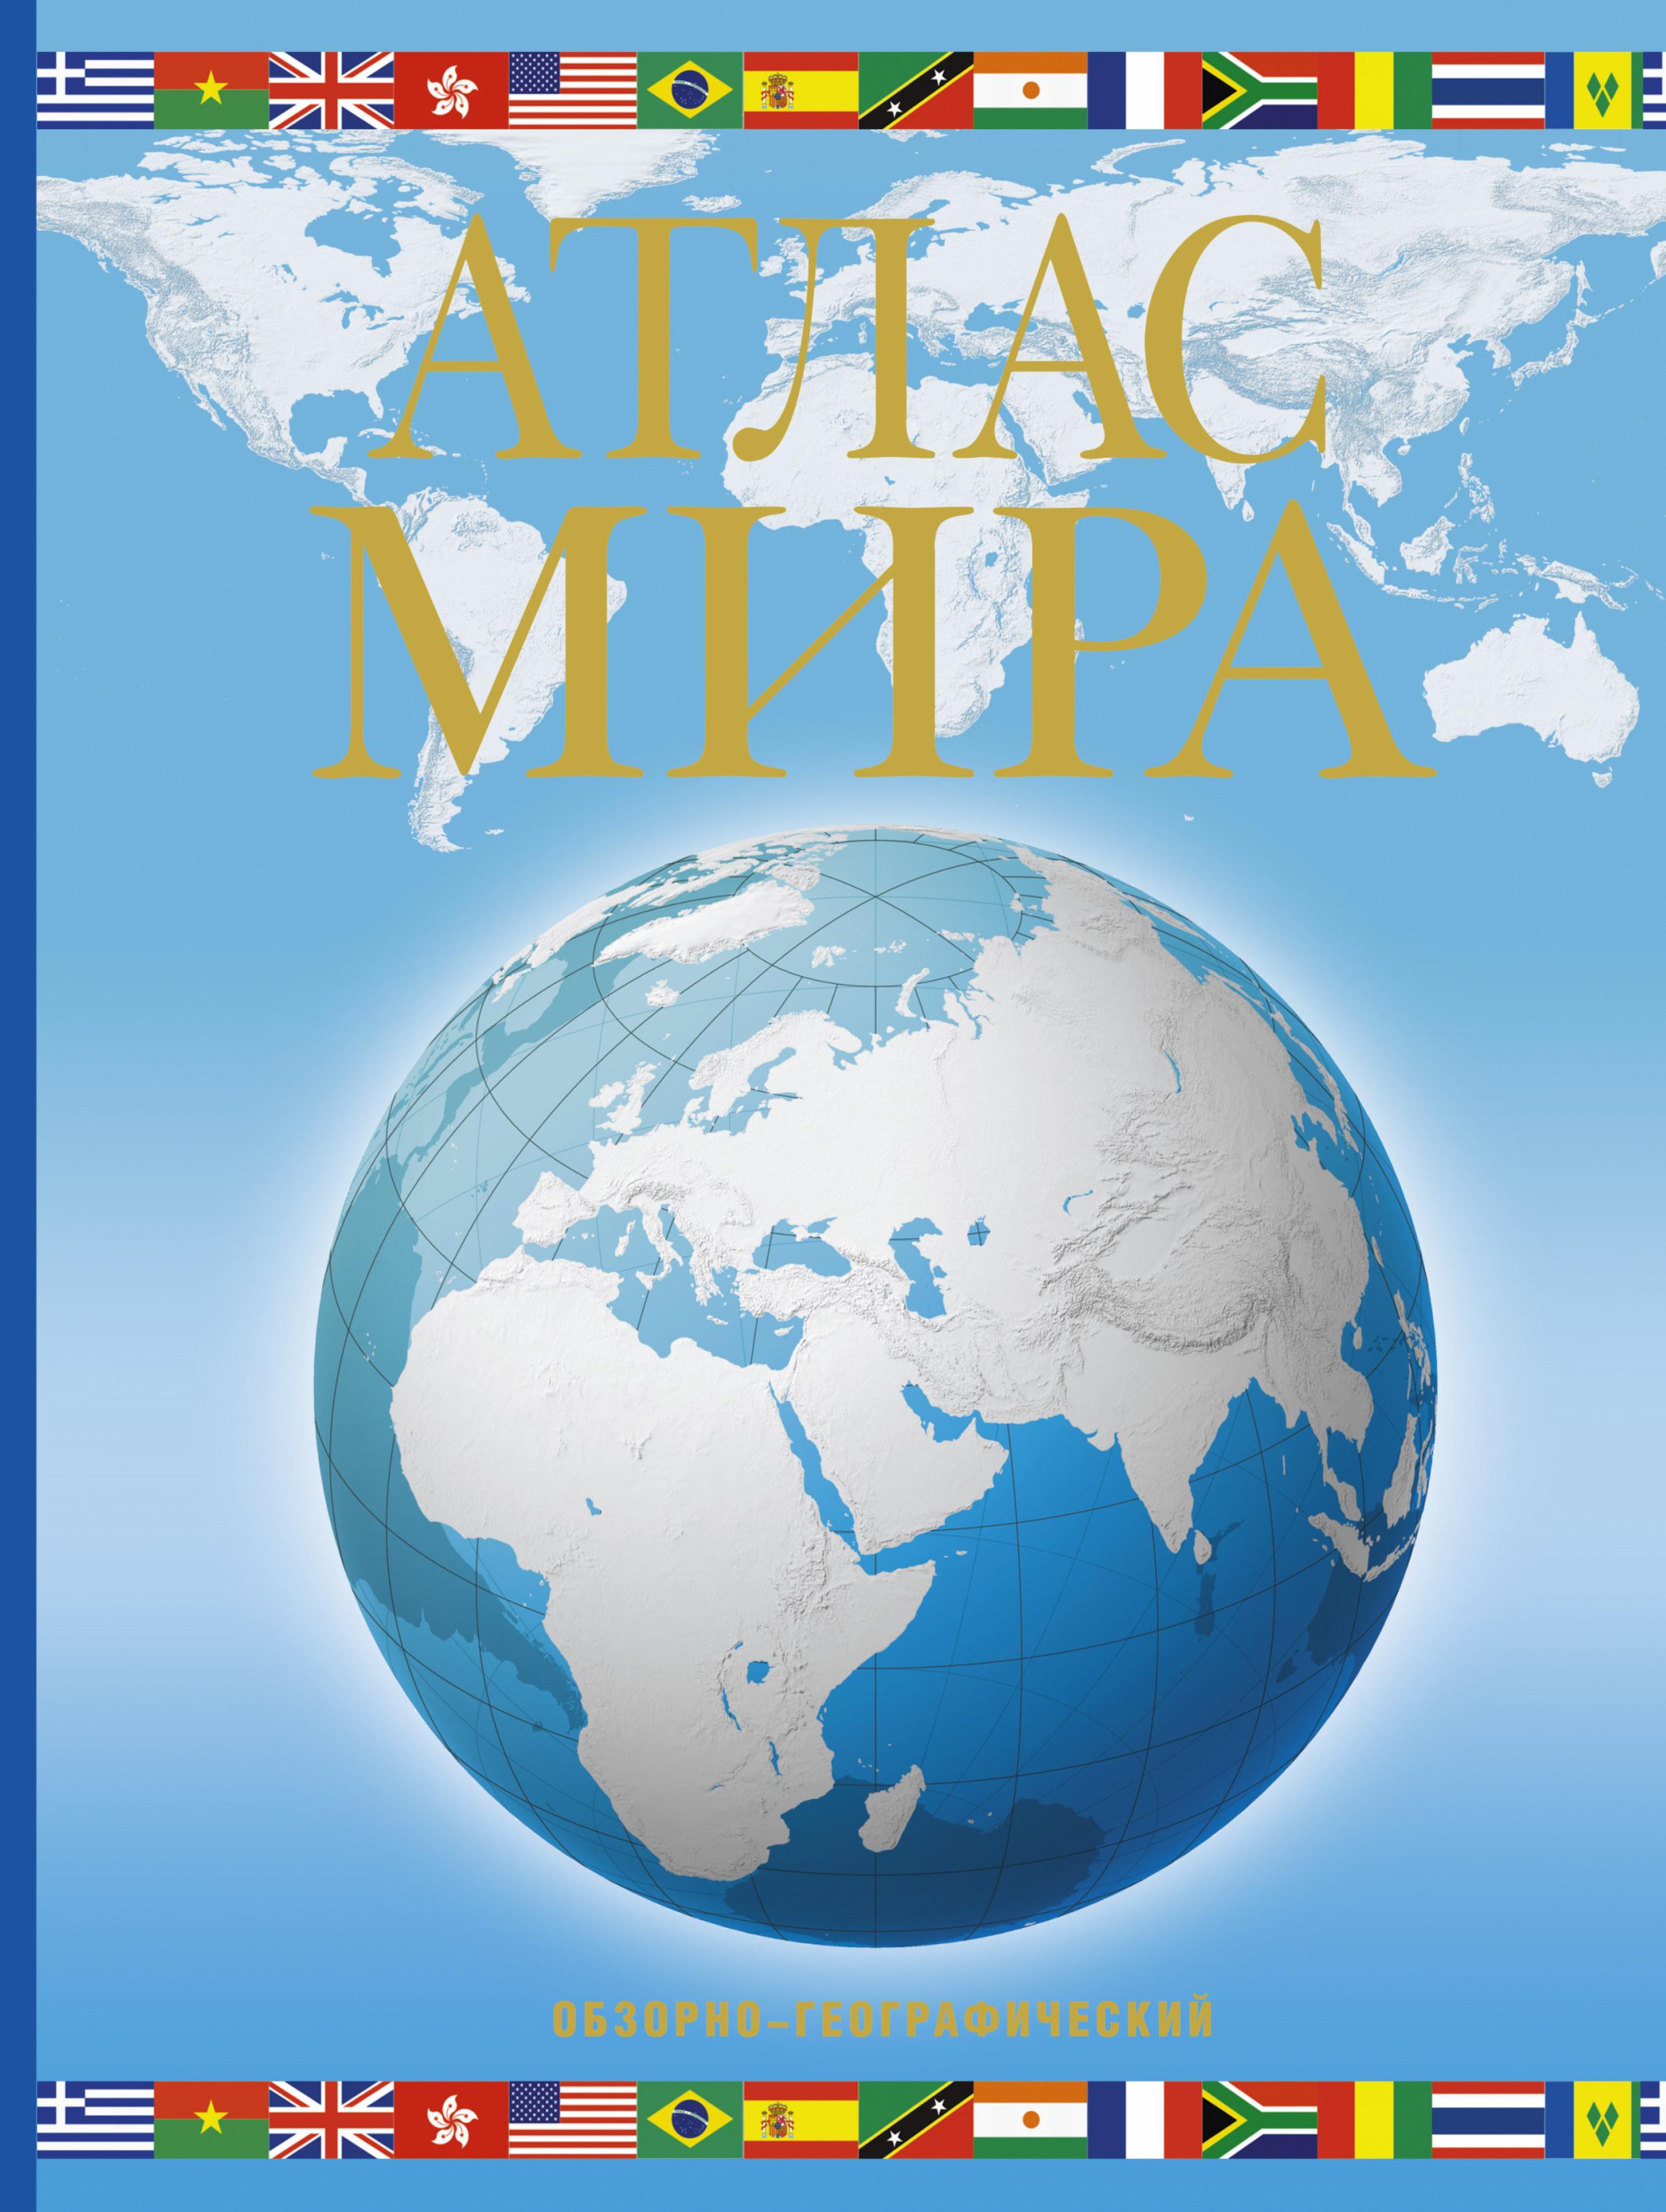 Атлас мира. Обзорно-географический (голуб.) тор 10 мадрид